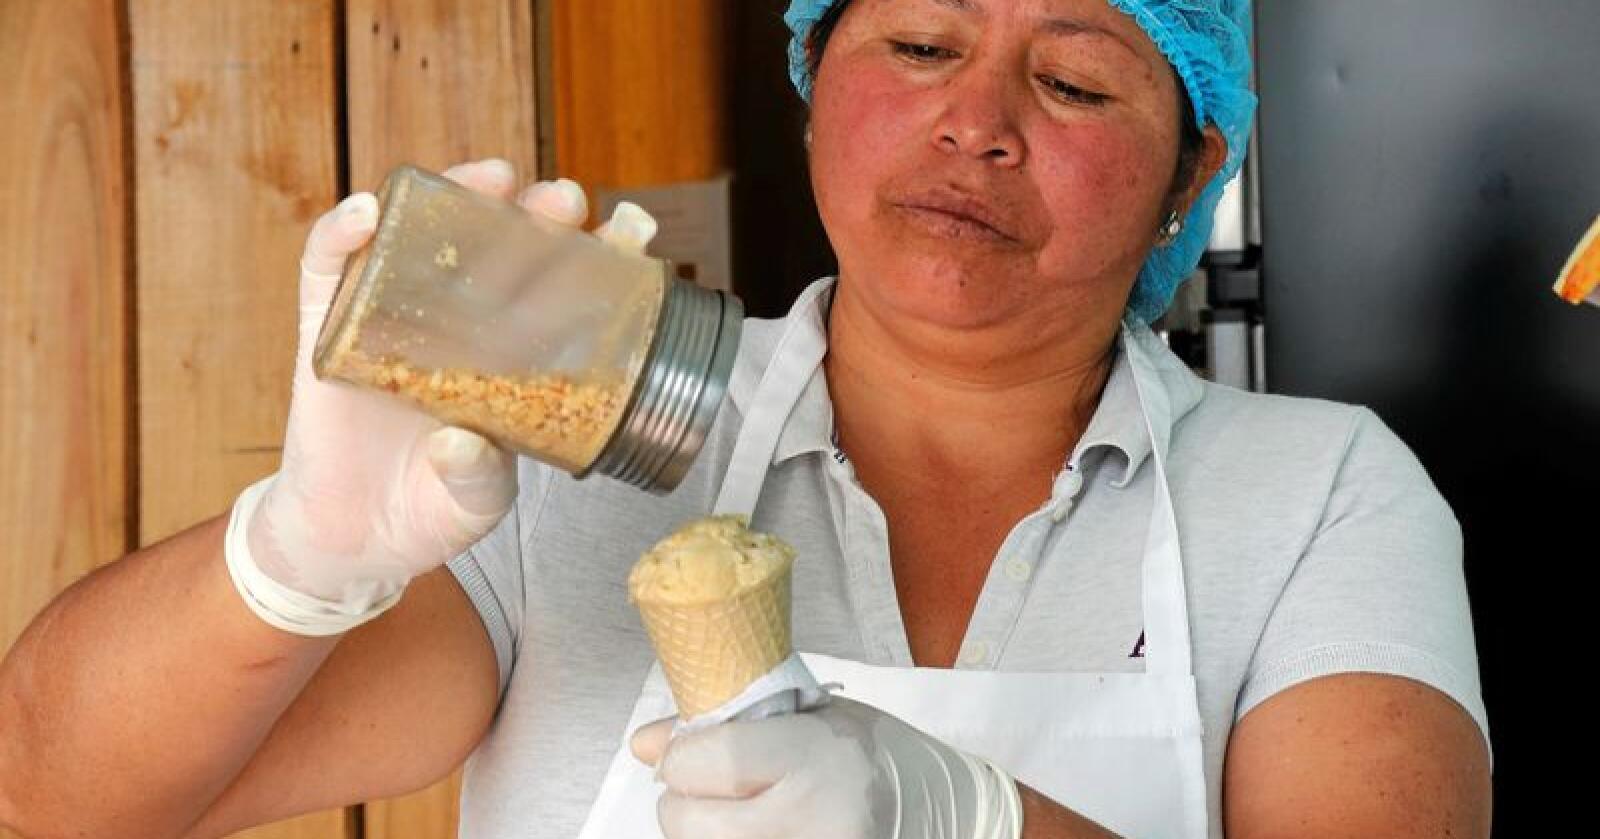 Maria del Carmen Pilapaña heller litt peanøtter på en kule is med marsvin-smak. Blant andre varianter hun byr på, er iskrem laget av sopp. Foto: Dolores Ochoa / AP / NTB Scanpix